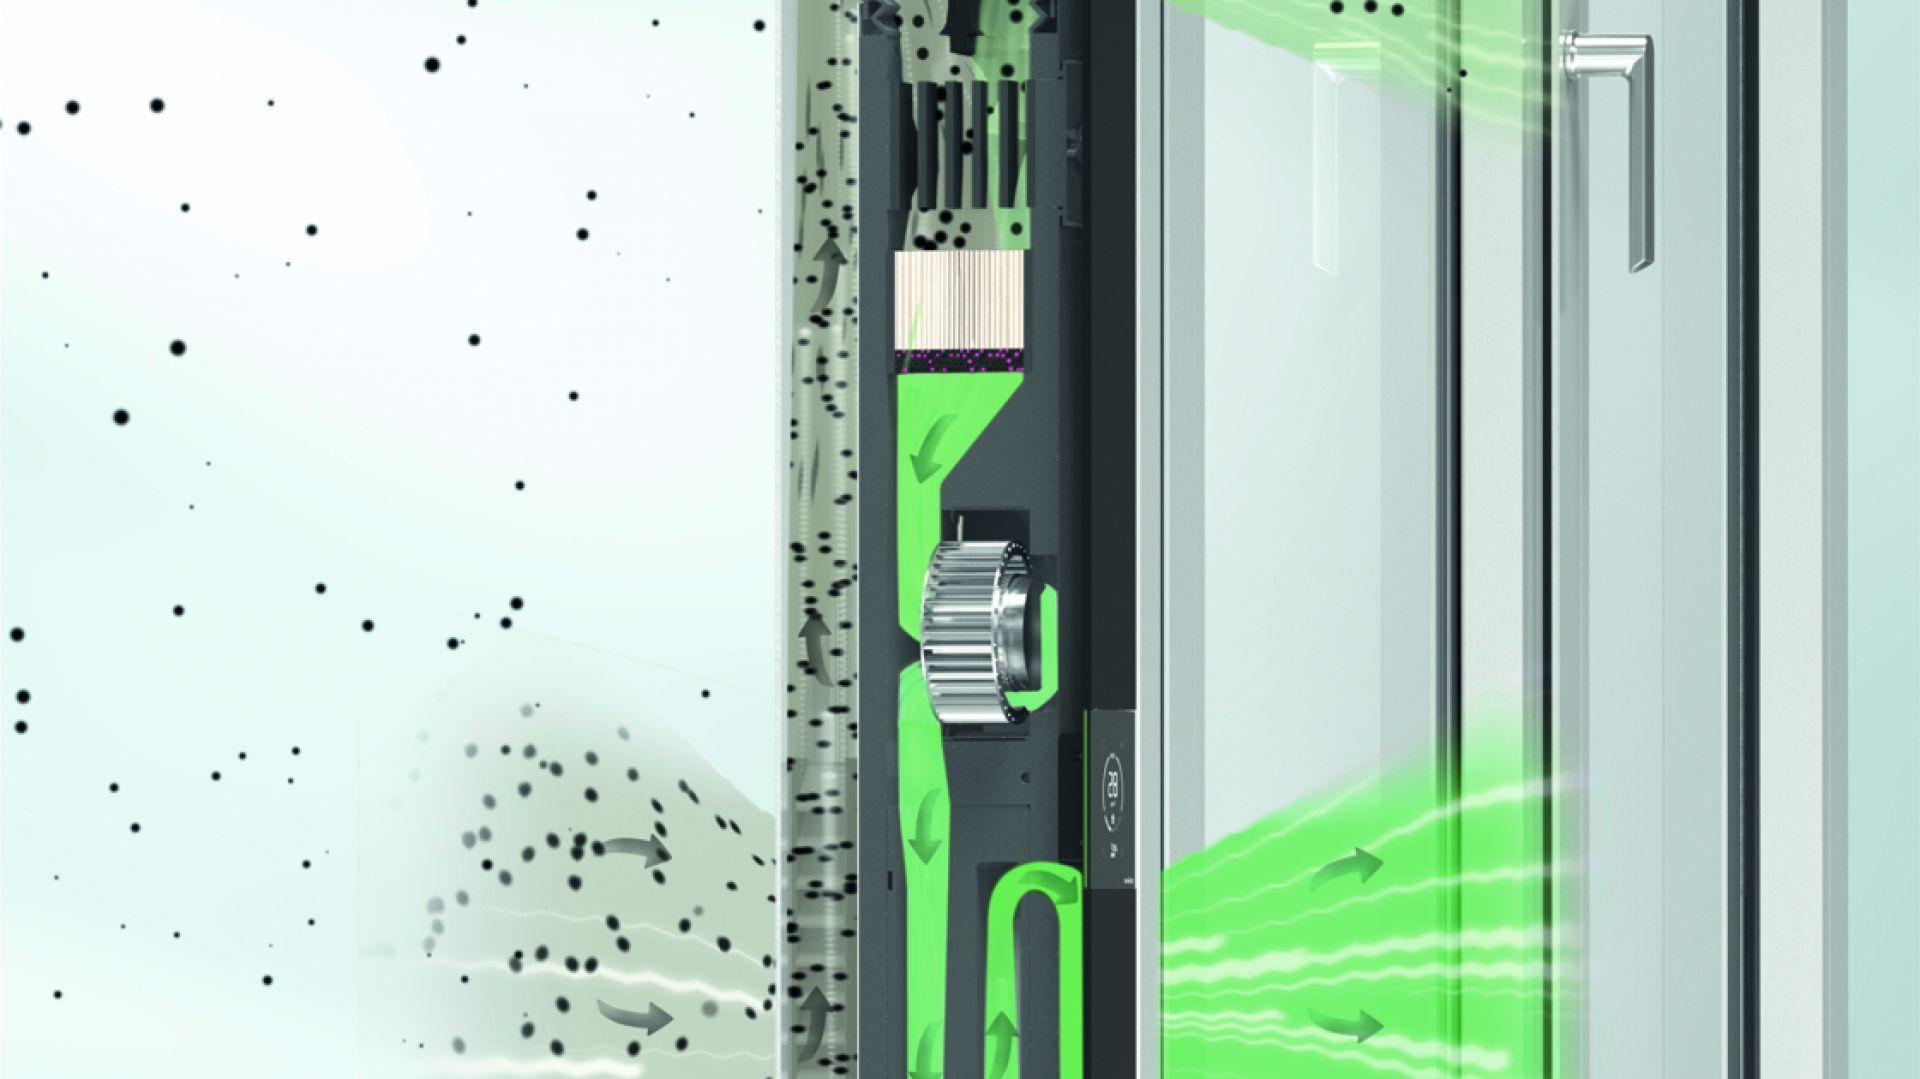 Smart dom - automatyczne sterowanie stolarka otworową. Fot. Schüco